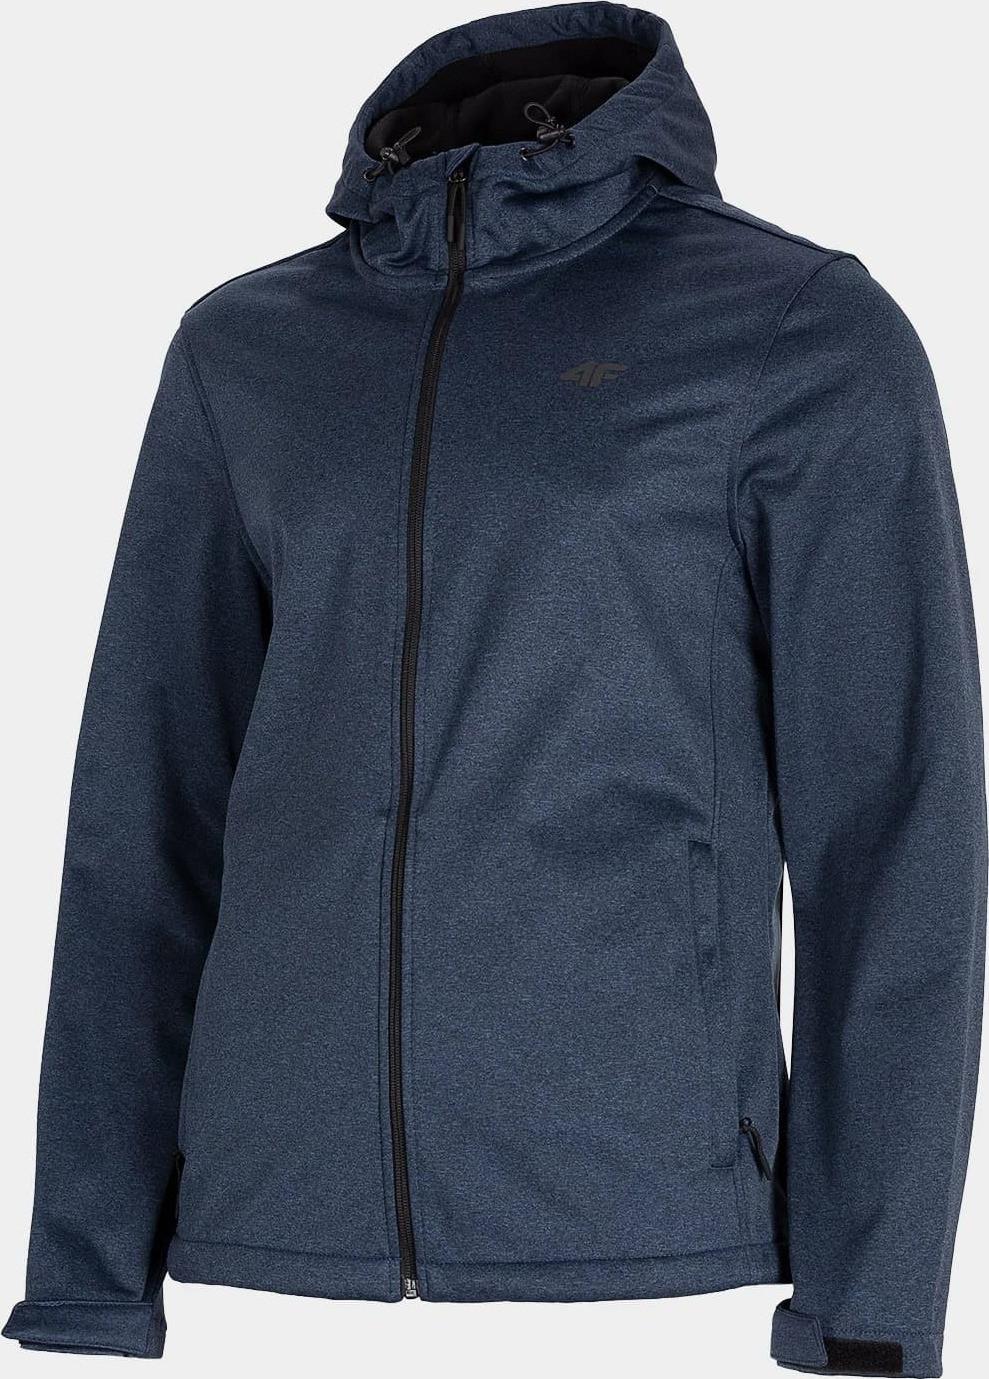 Pánska softshellová bunda 4F SFM001 tmavo modrá tmavě modrá melanž L